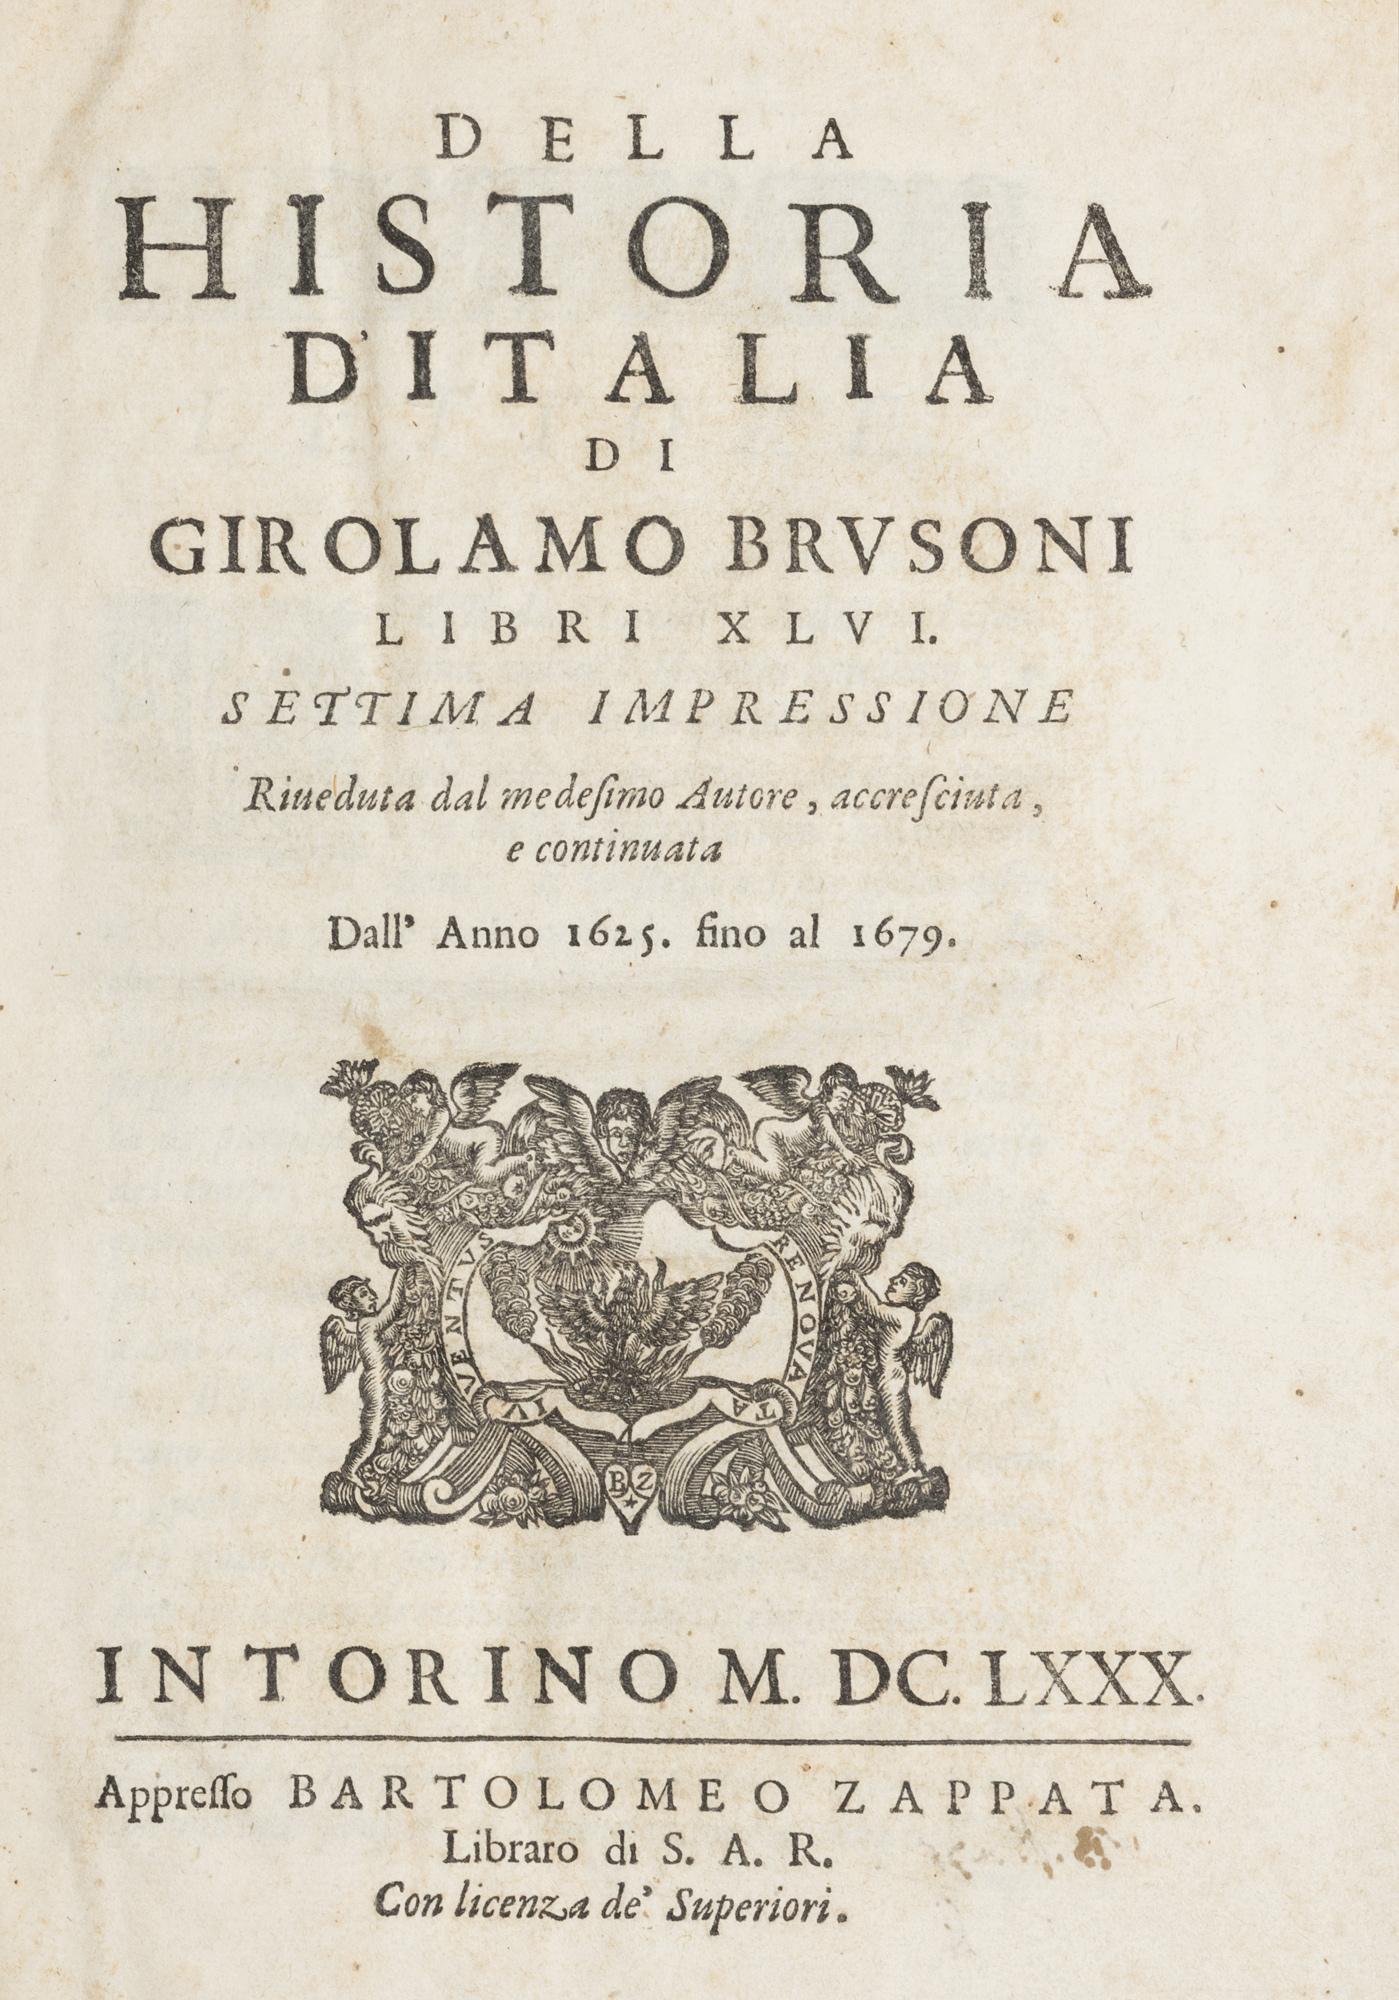 Della Historia d'Italia… libri XLVI. Settima impressione riveduta dal medesimo Autore, accresciuta, e continuata dall'anno 1625 fino al 1679